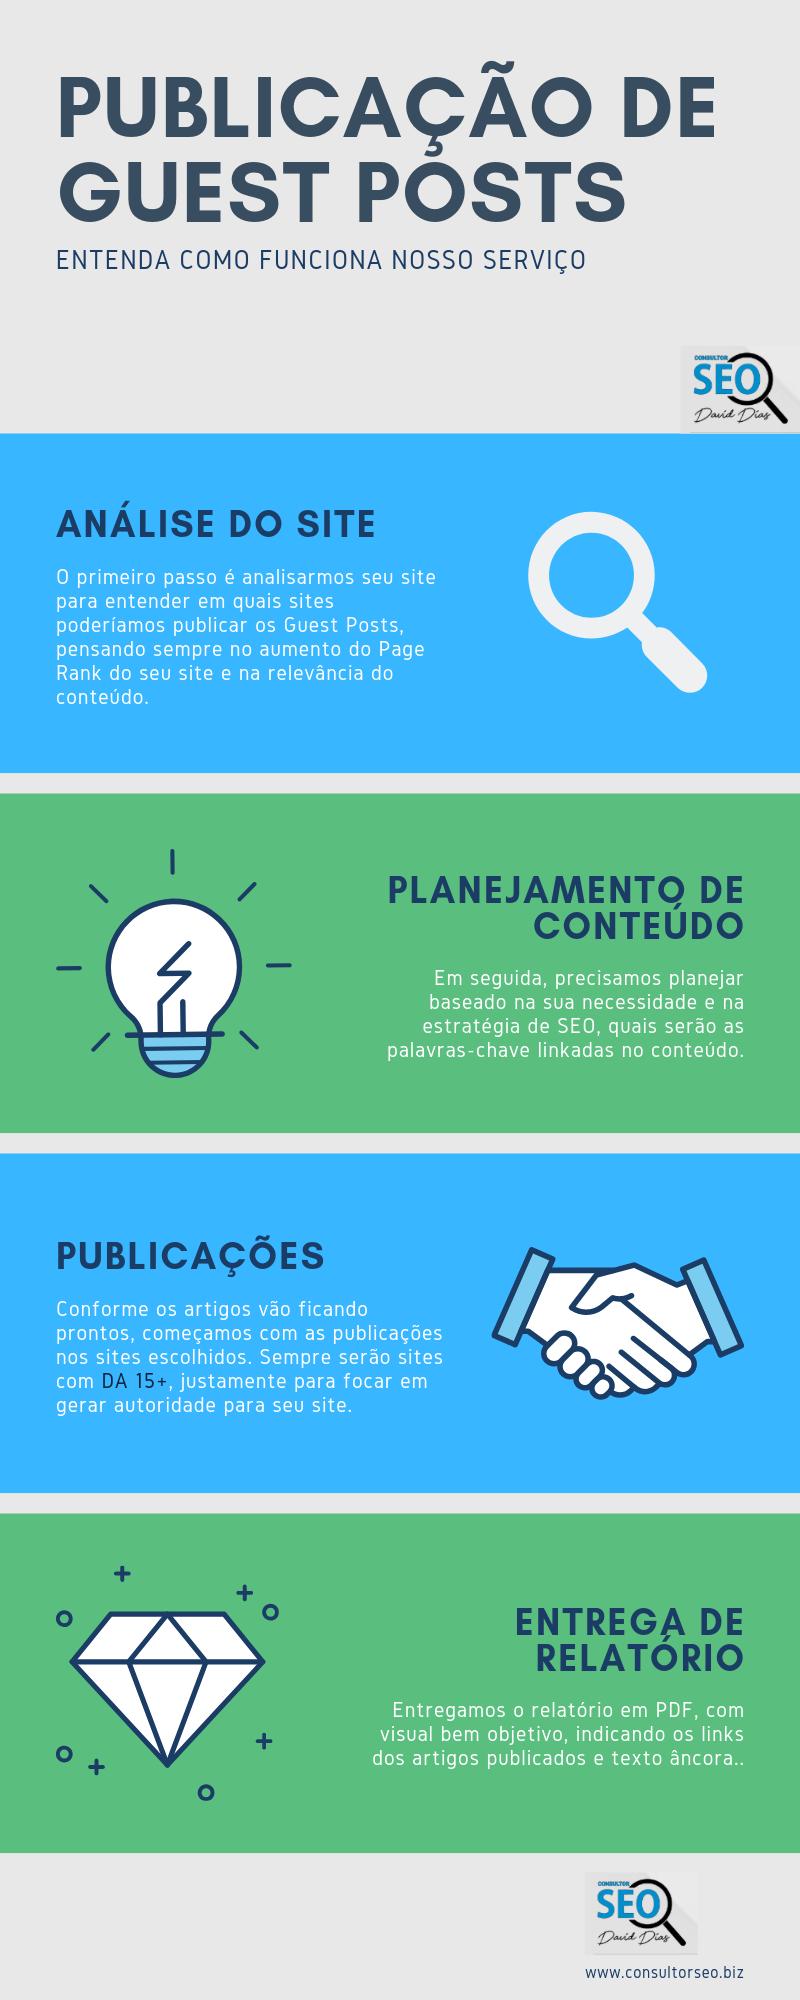 comprar backlinks brasileiros